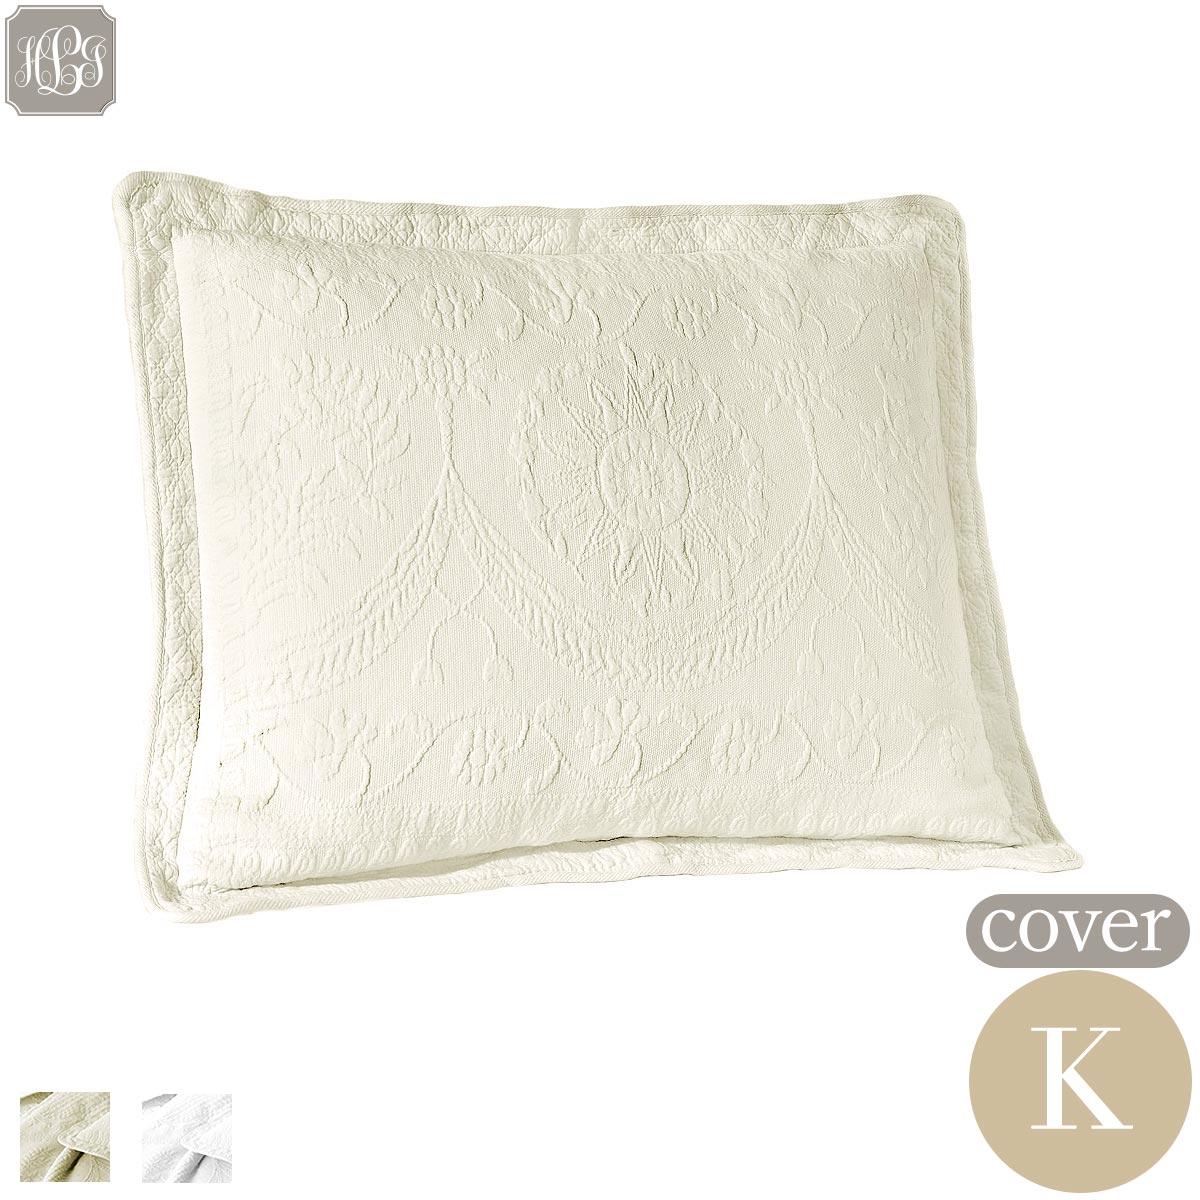 ピローケース 包み型キング 50cmx90cm キングチャールズマトラッテ 北欧 綿100 枕カバー ロング ホワイト アイボリー 白 送料無料